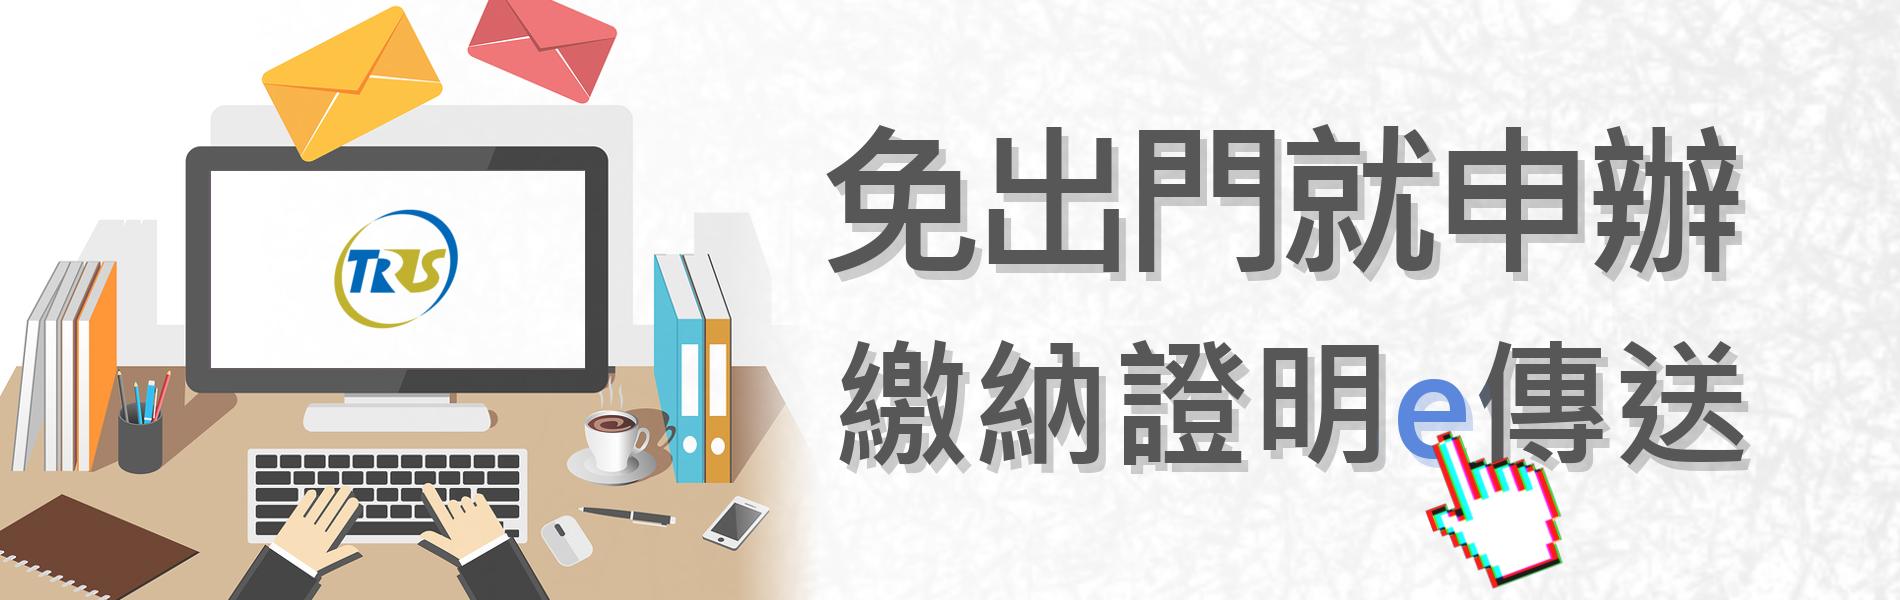 申請下期電子傳送及本期紙本繳納證明服務